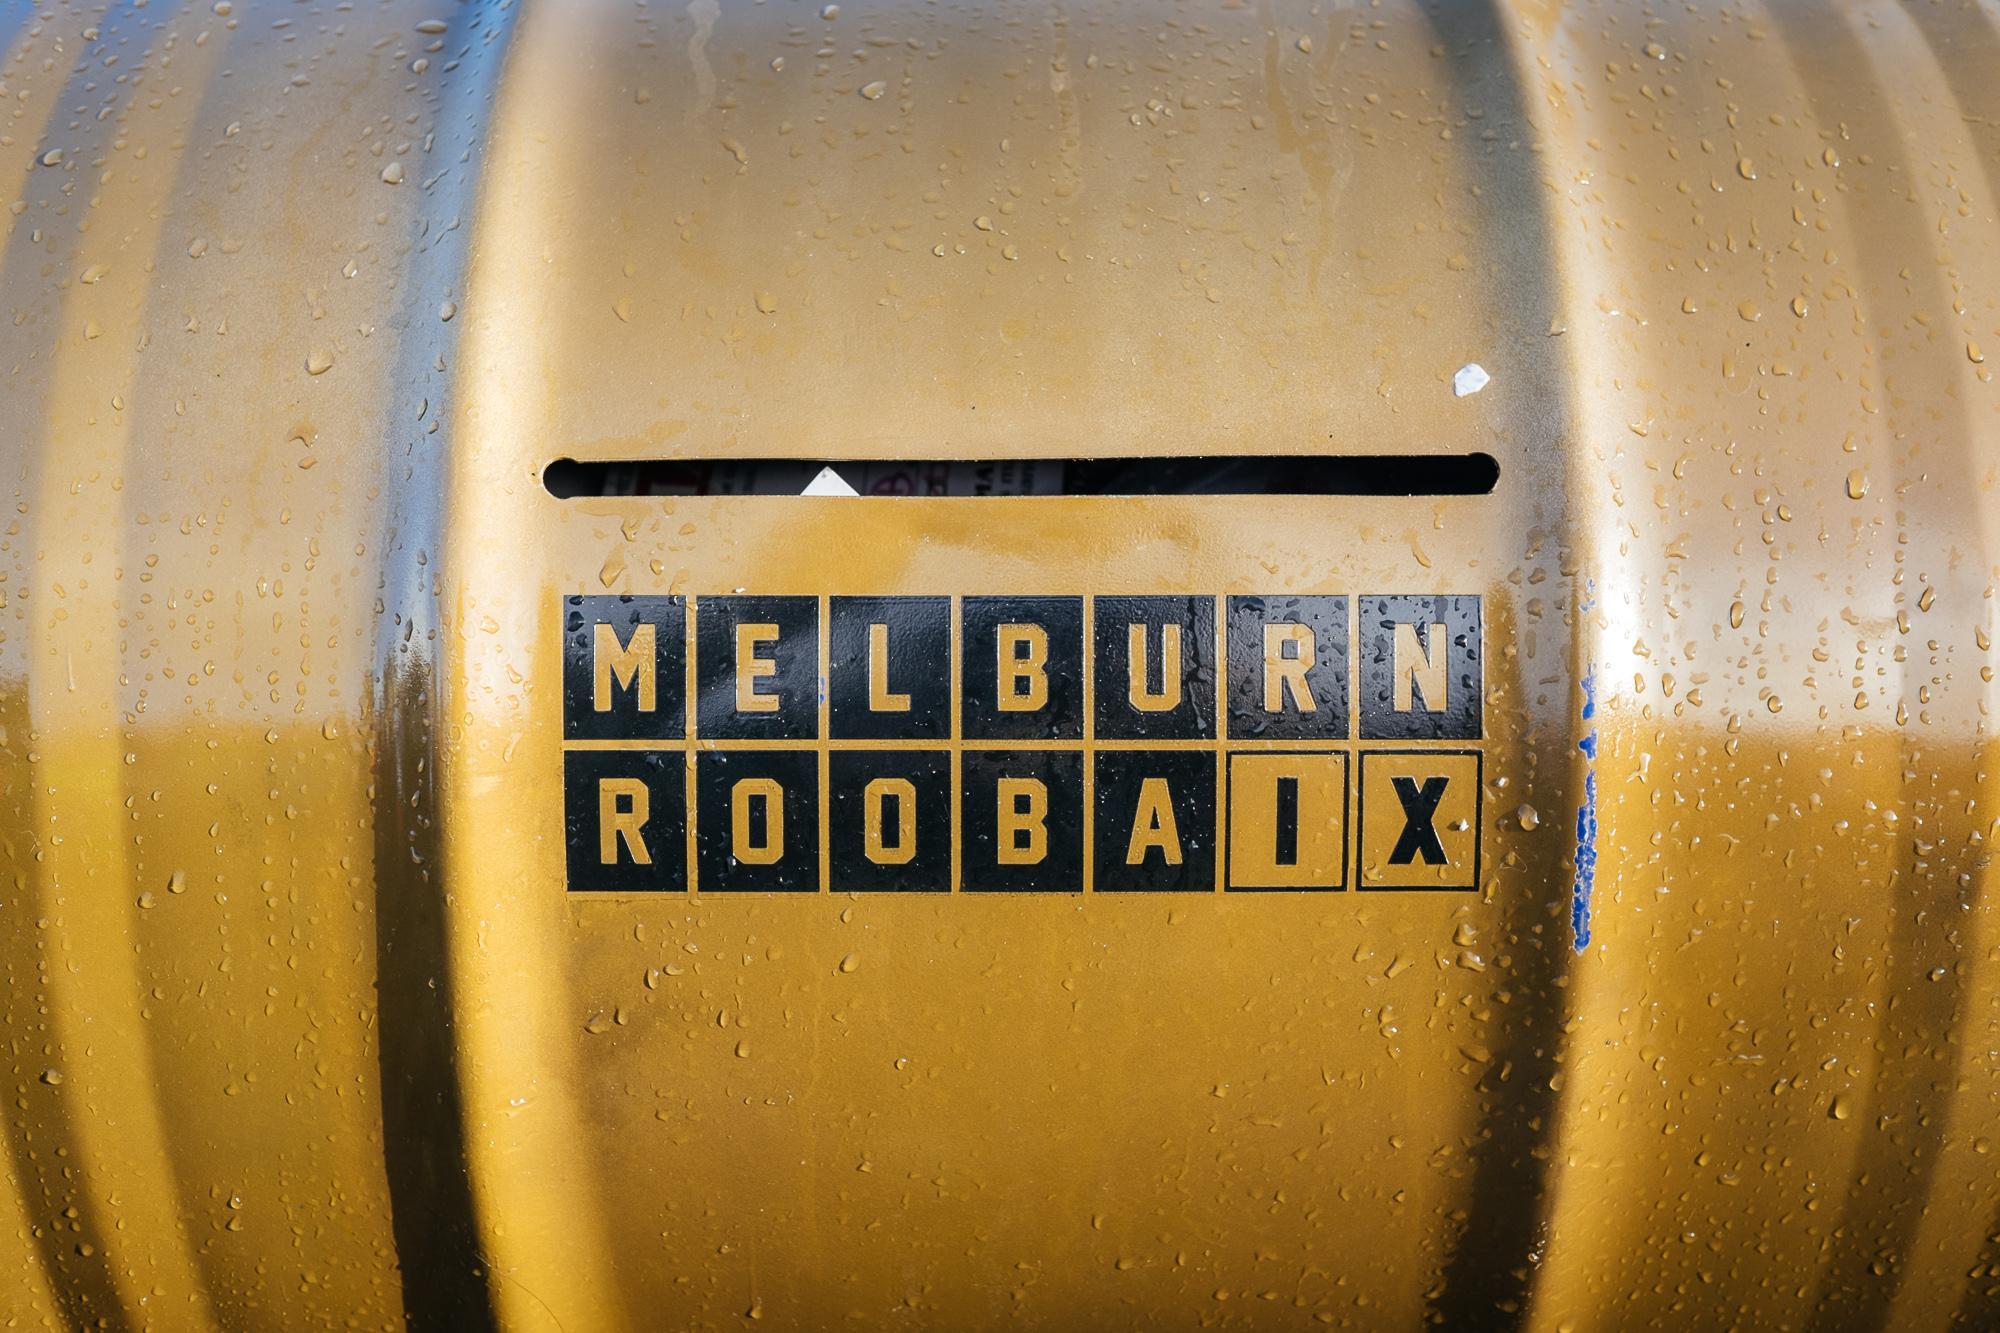 MELBURN-ROOBAIX-162